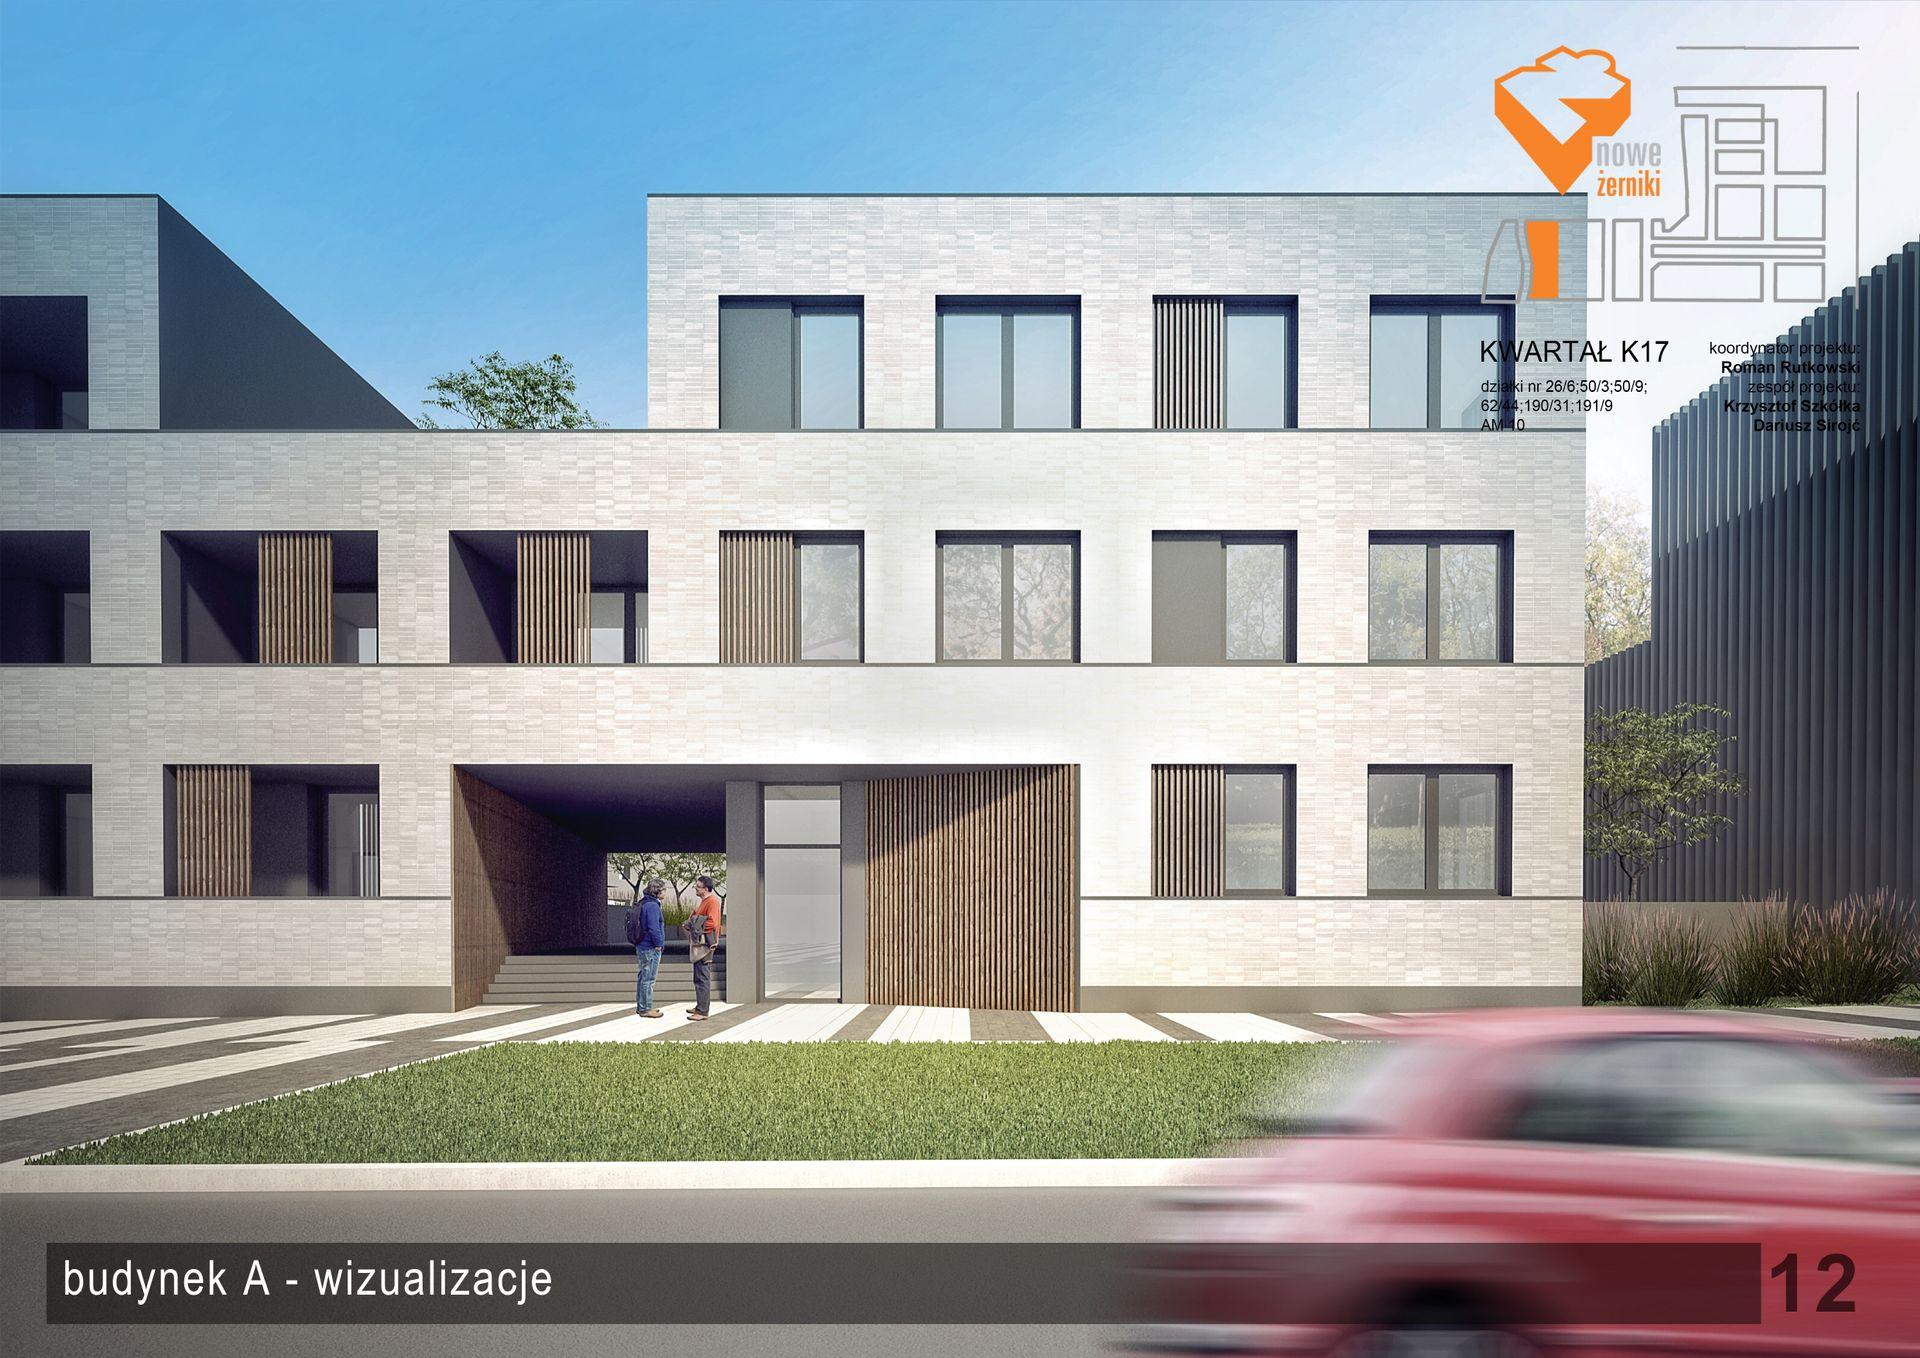 Wrocław: Rodis po raz drugi na Nowych Żernikach. Zbuduje prawie 100 mieszkań [WIZUALIZACJA]